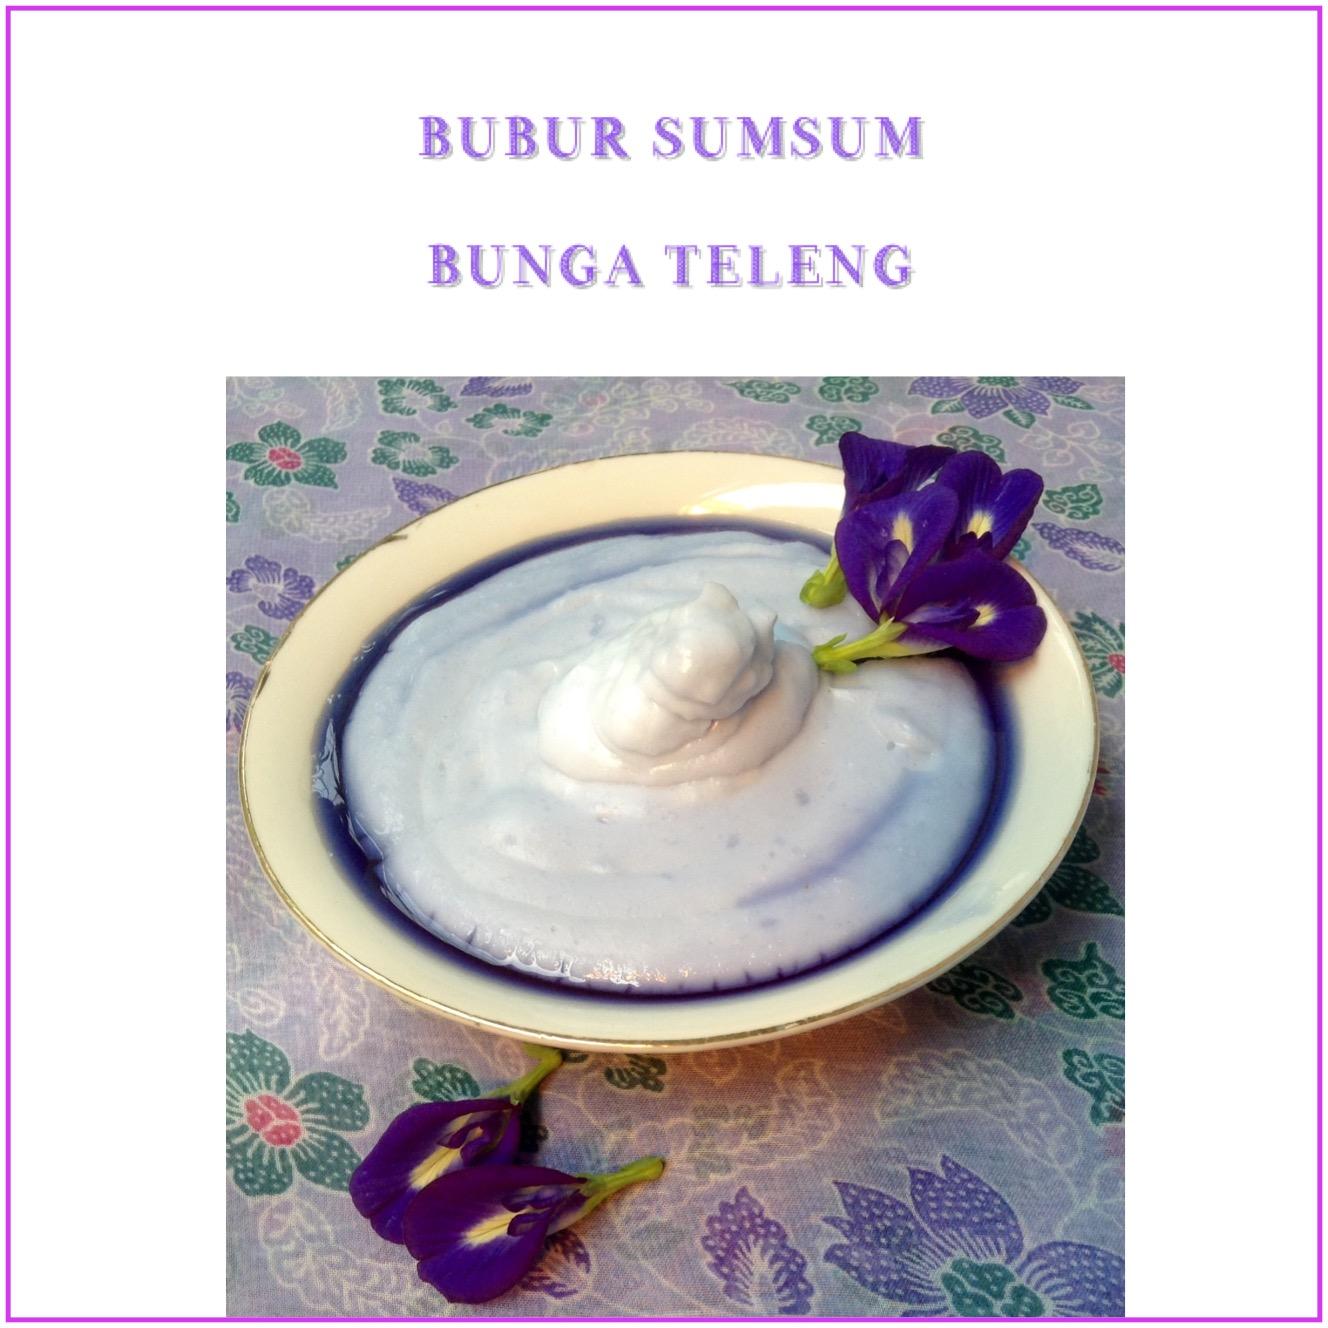 Resep Bubur Sumsum Bunga Teleng